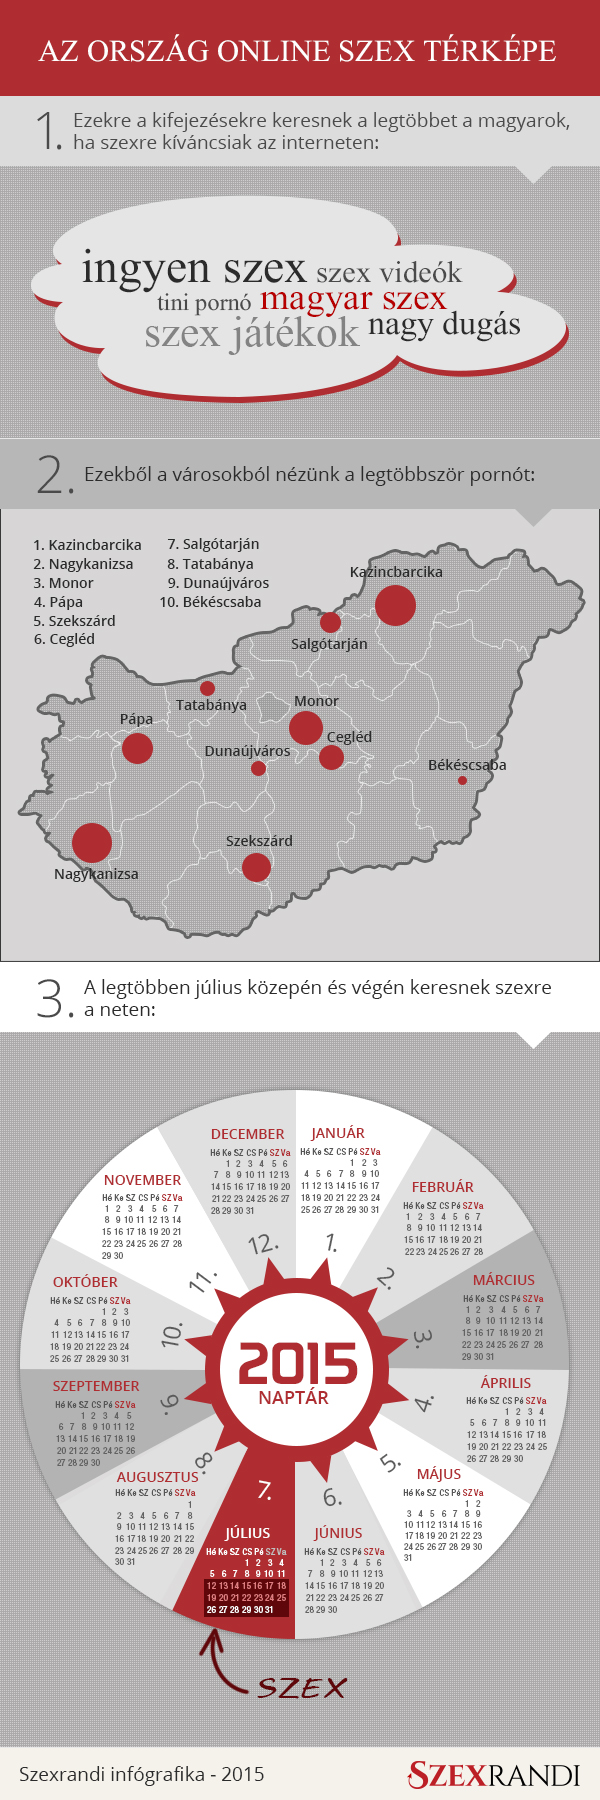 szexterkep_infografika.jpg